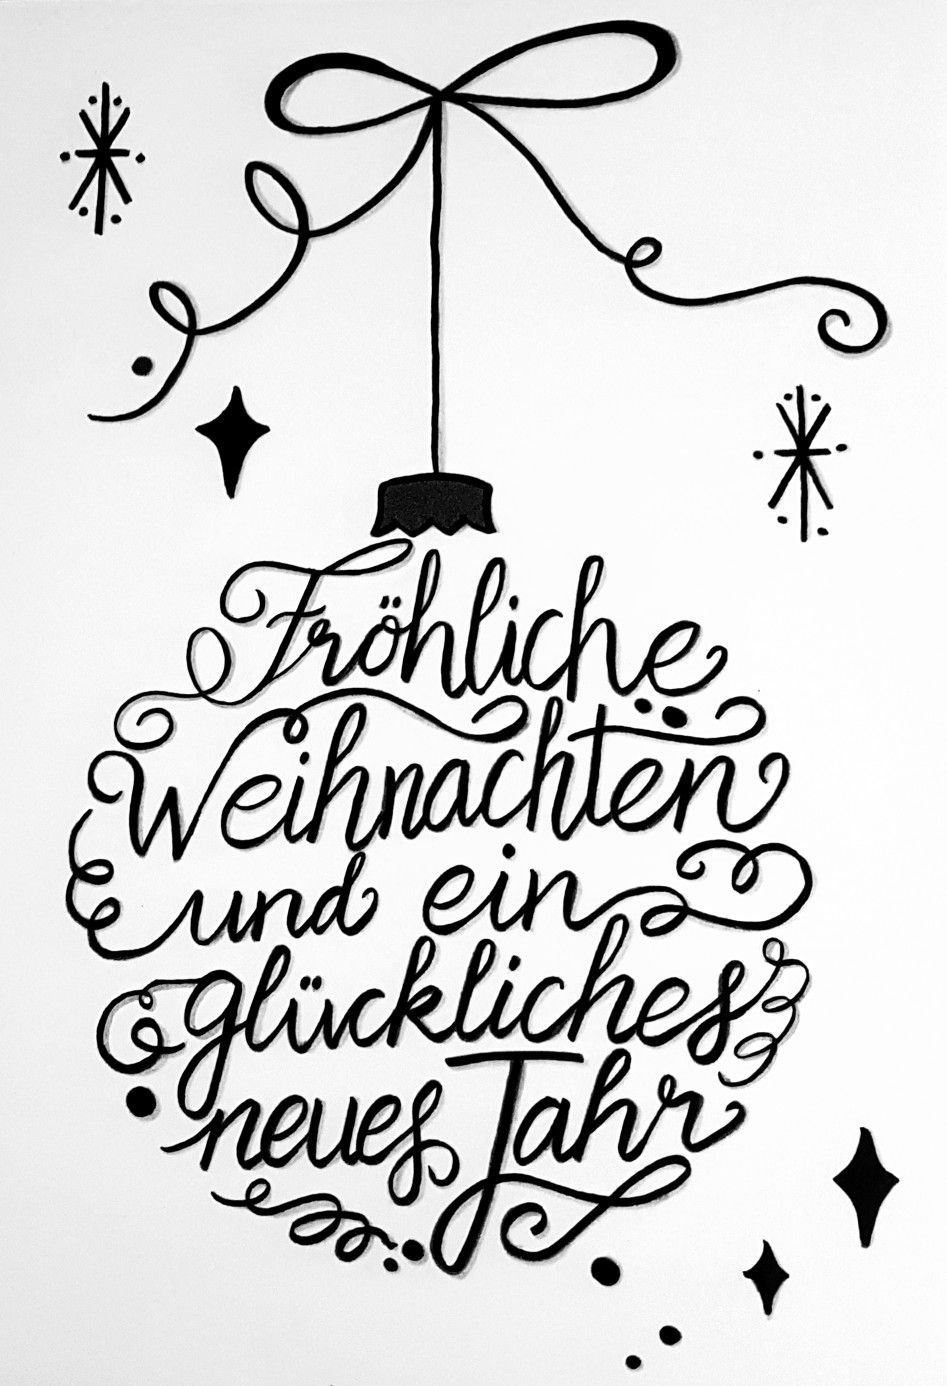 weihnachten zeichnungen #weihnachten Handlettering Weihnachten / Neujahr: Frhliche Weihnachten und ein glckliches neues Jahr / Weihnachtskugel #weihnachtenneujahr